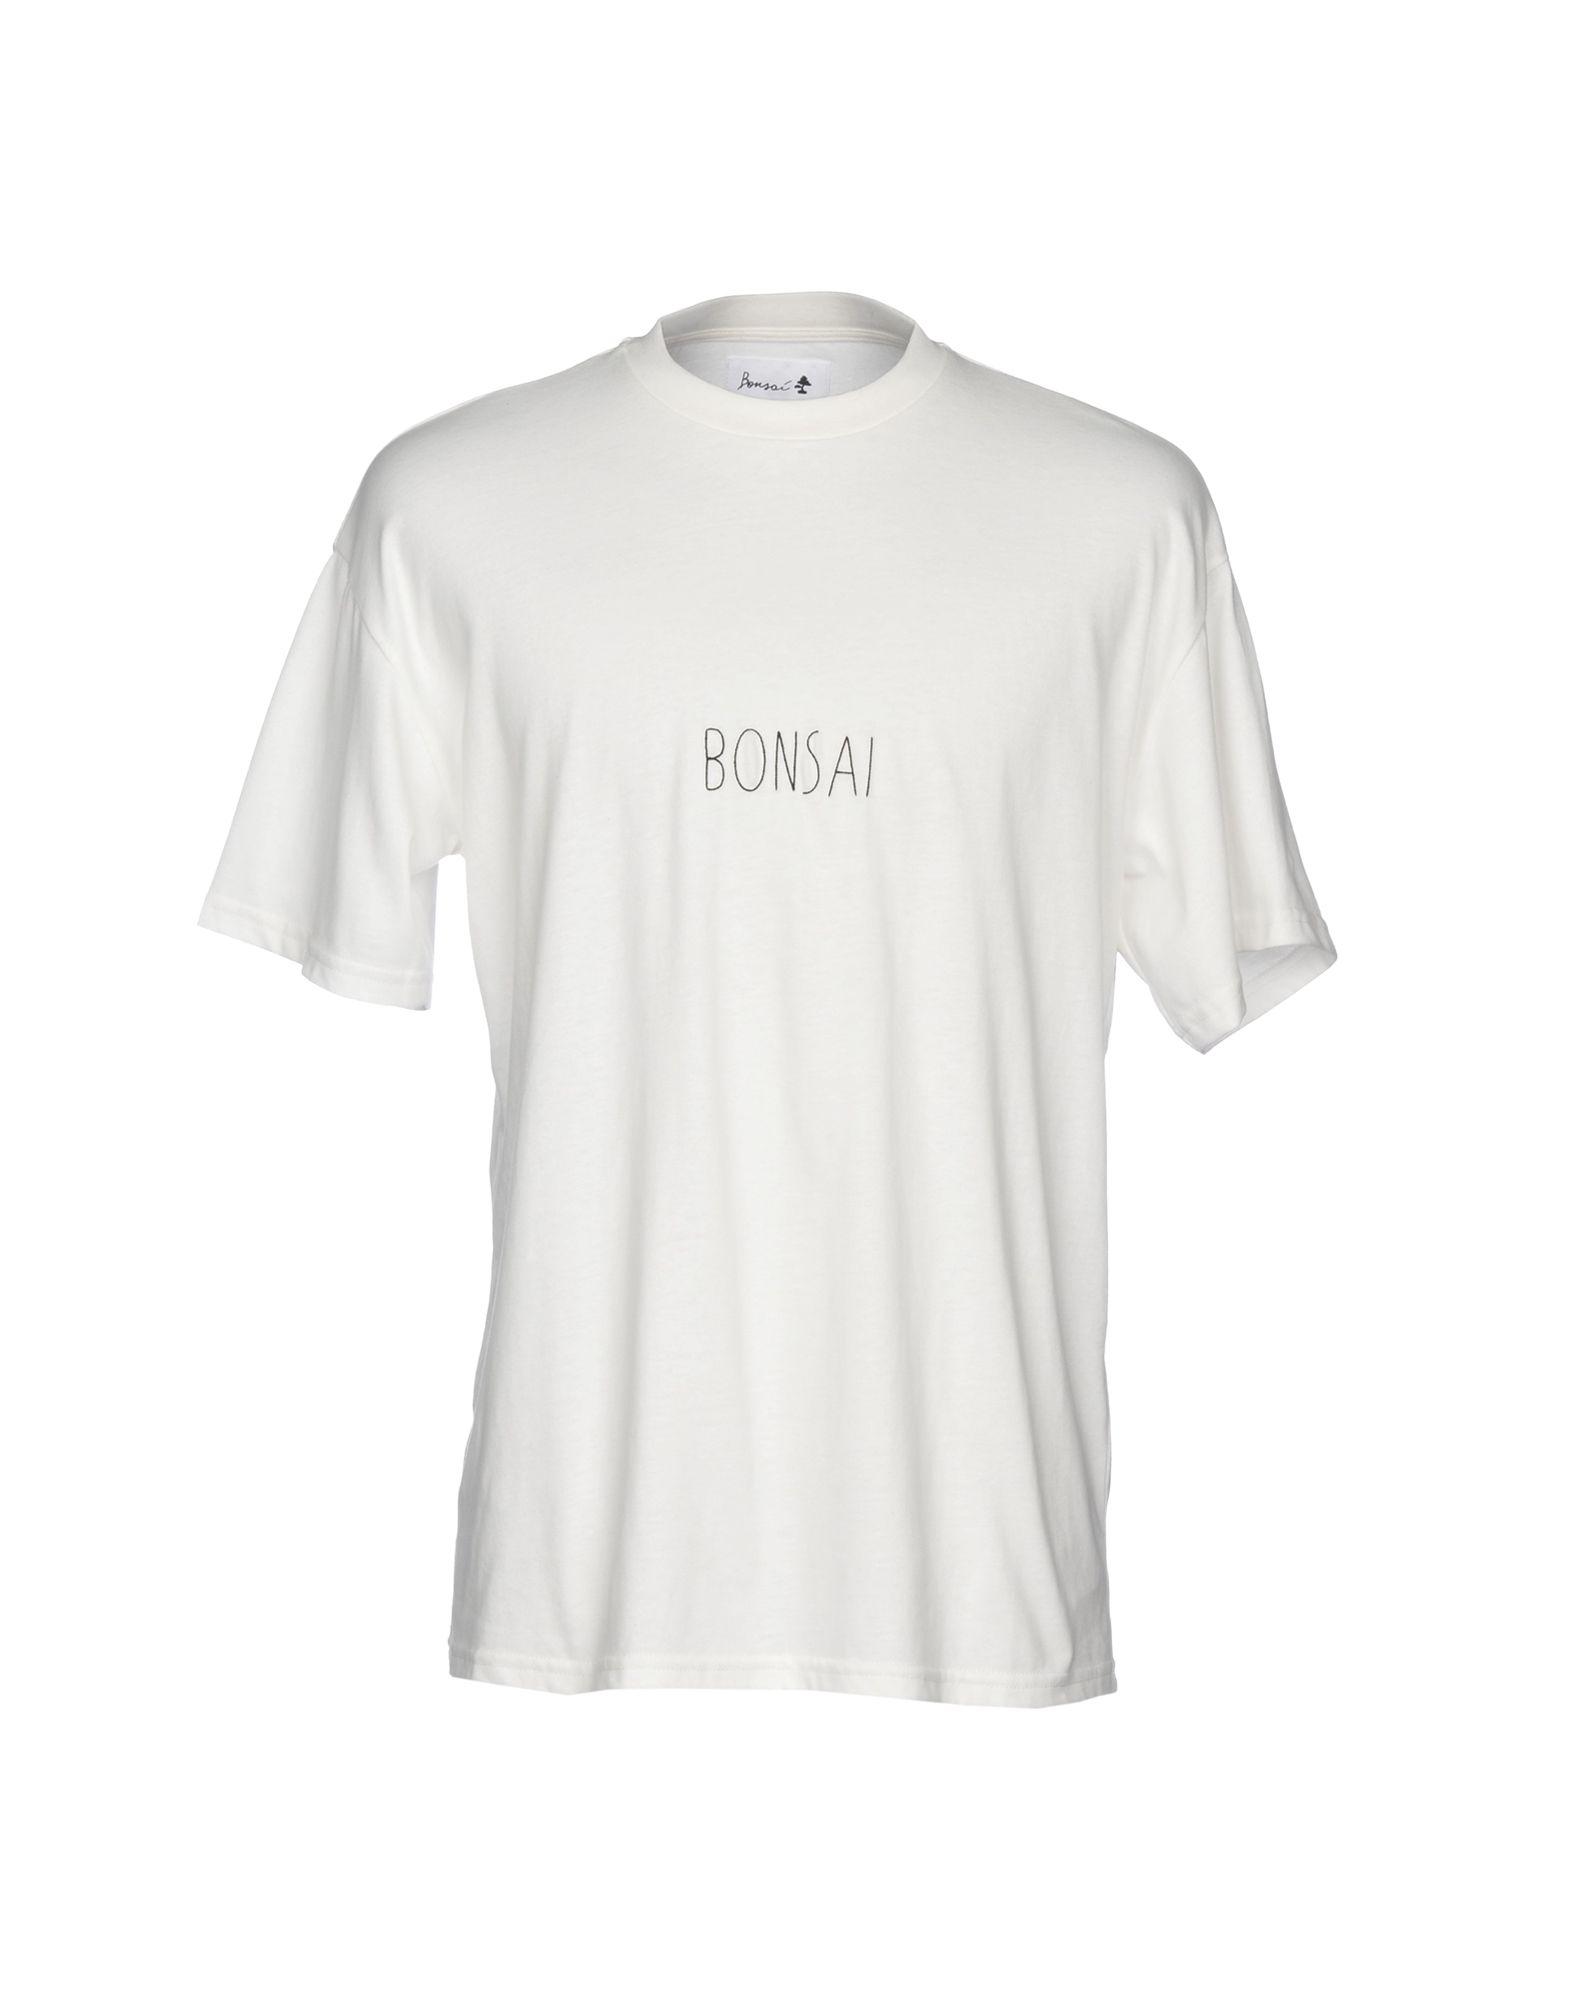 《送料無料》BONSAI メンズ T シャツ アイボリー M コットン 100%